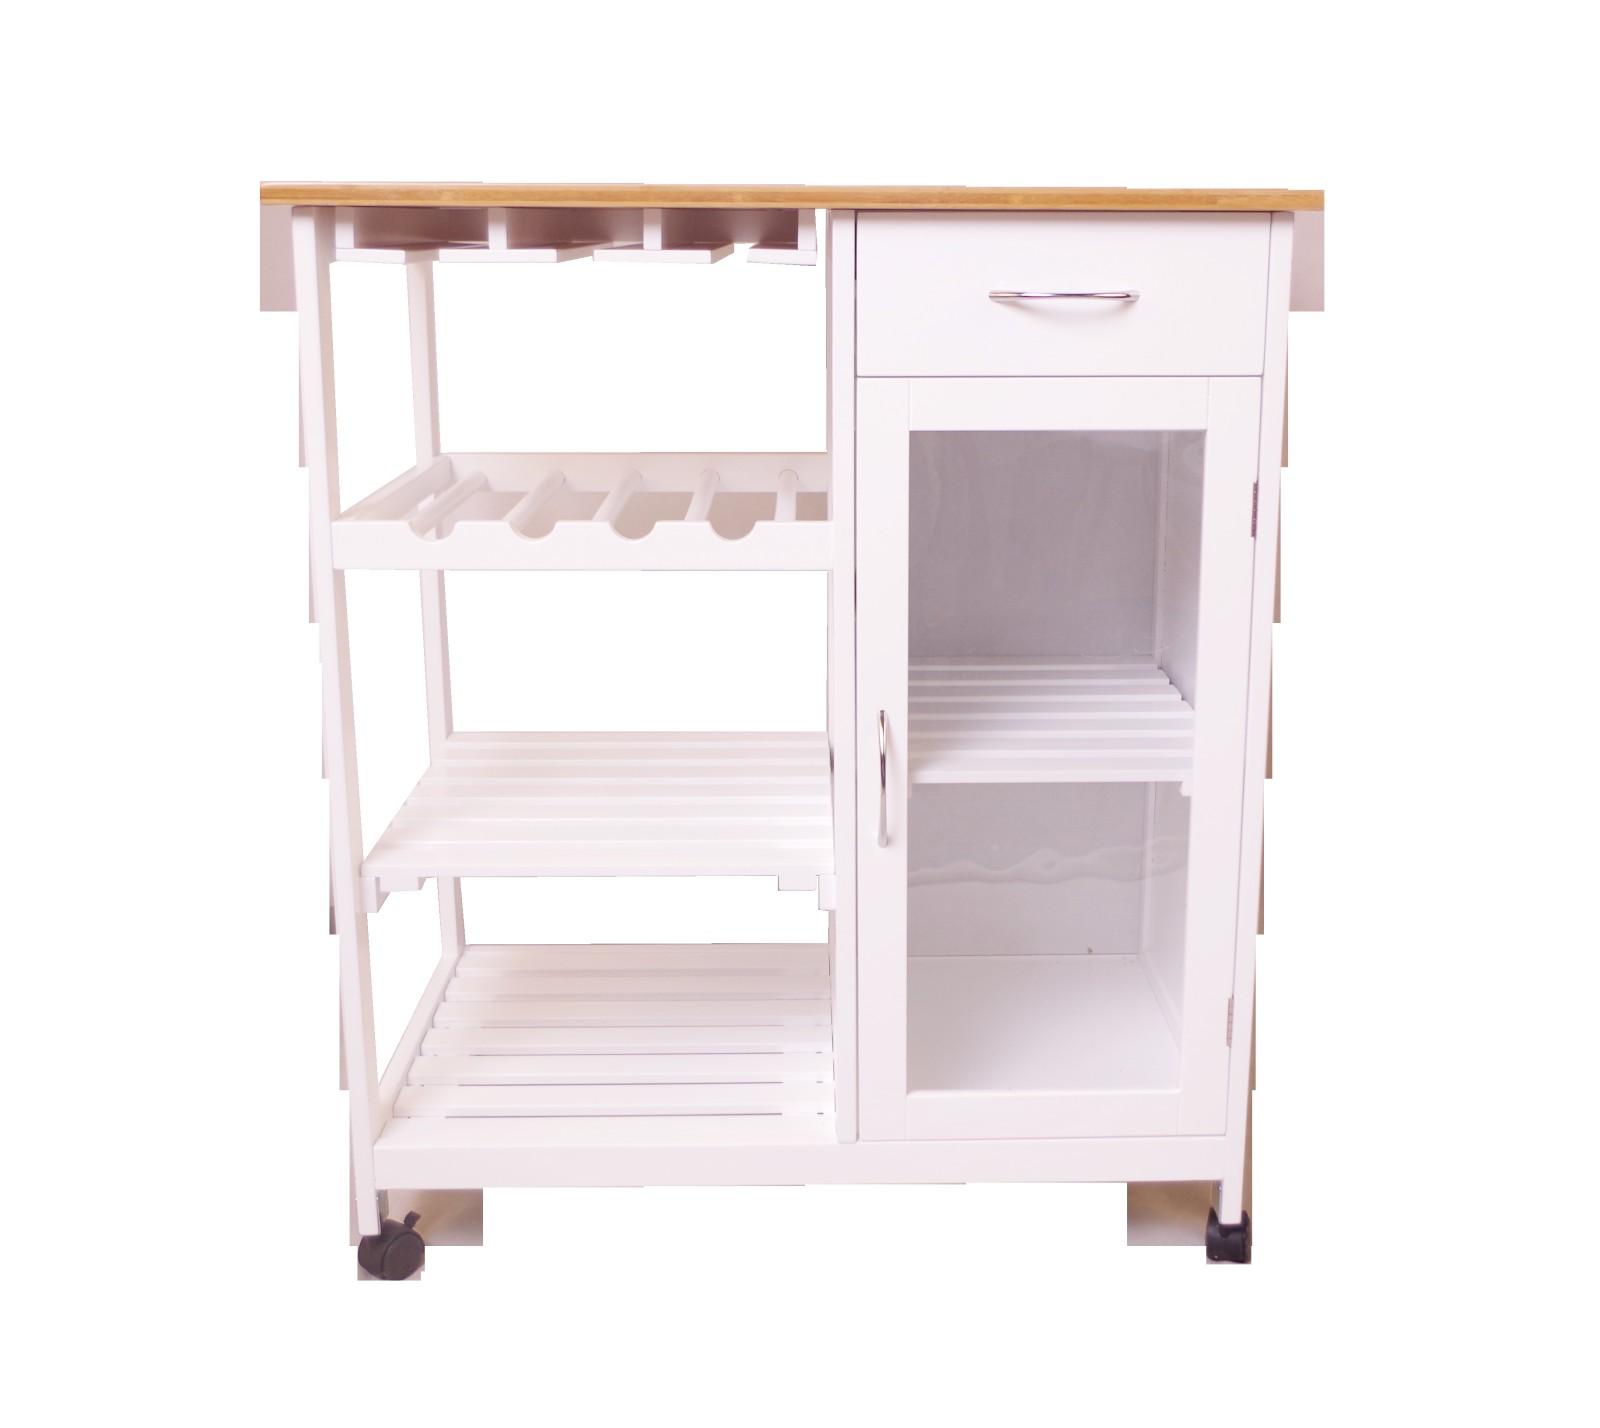 beco k chenwagen servierwagen teewagen bambus arbeitsplatte k che m bel ebay. Black Bedroom Furniture Sets. Home Design Ideas